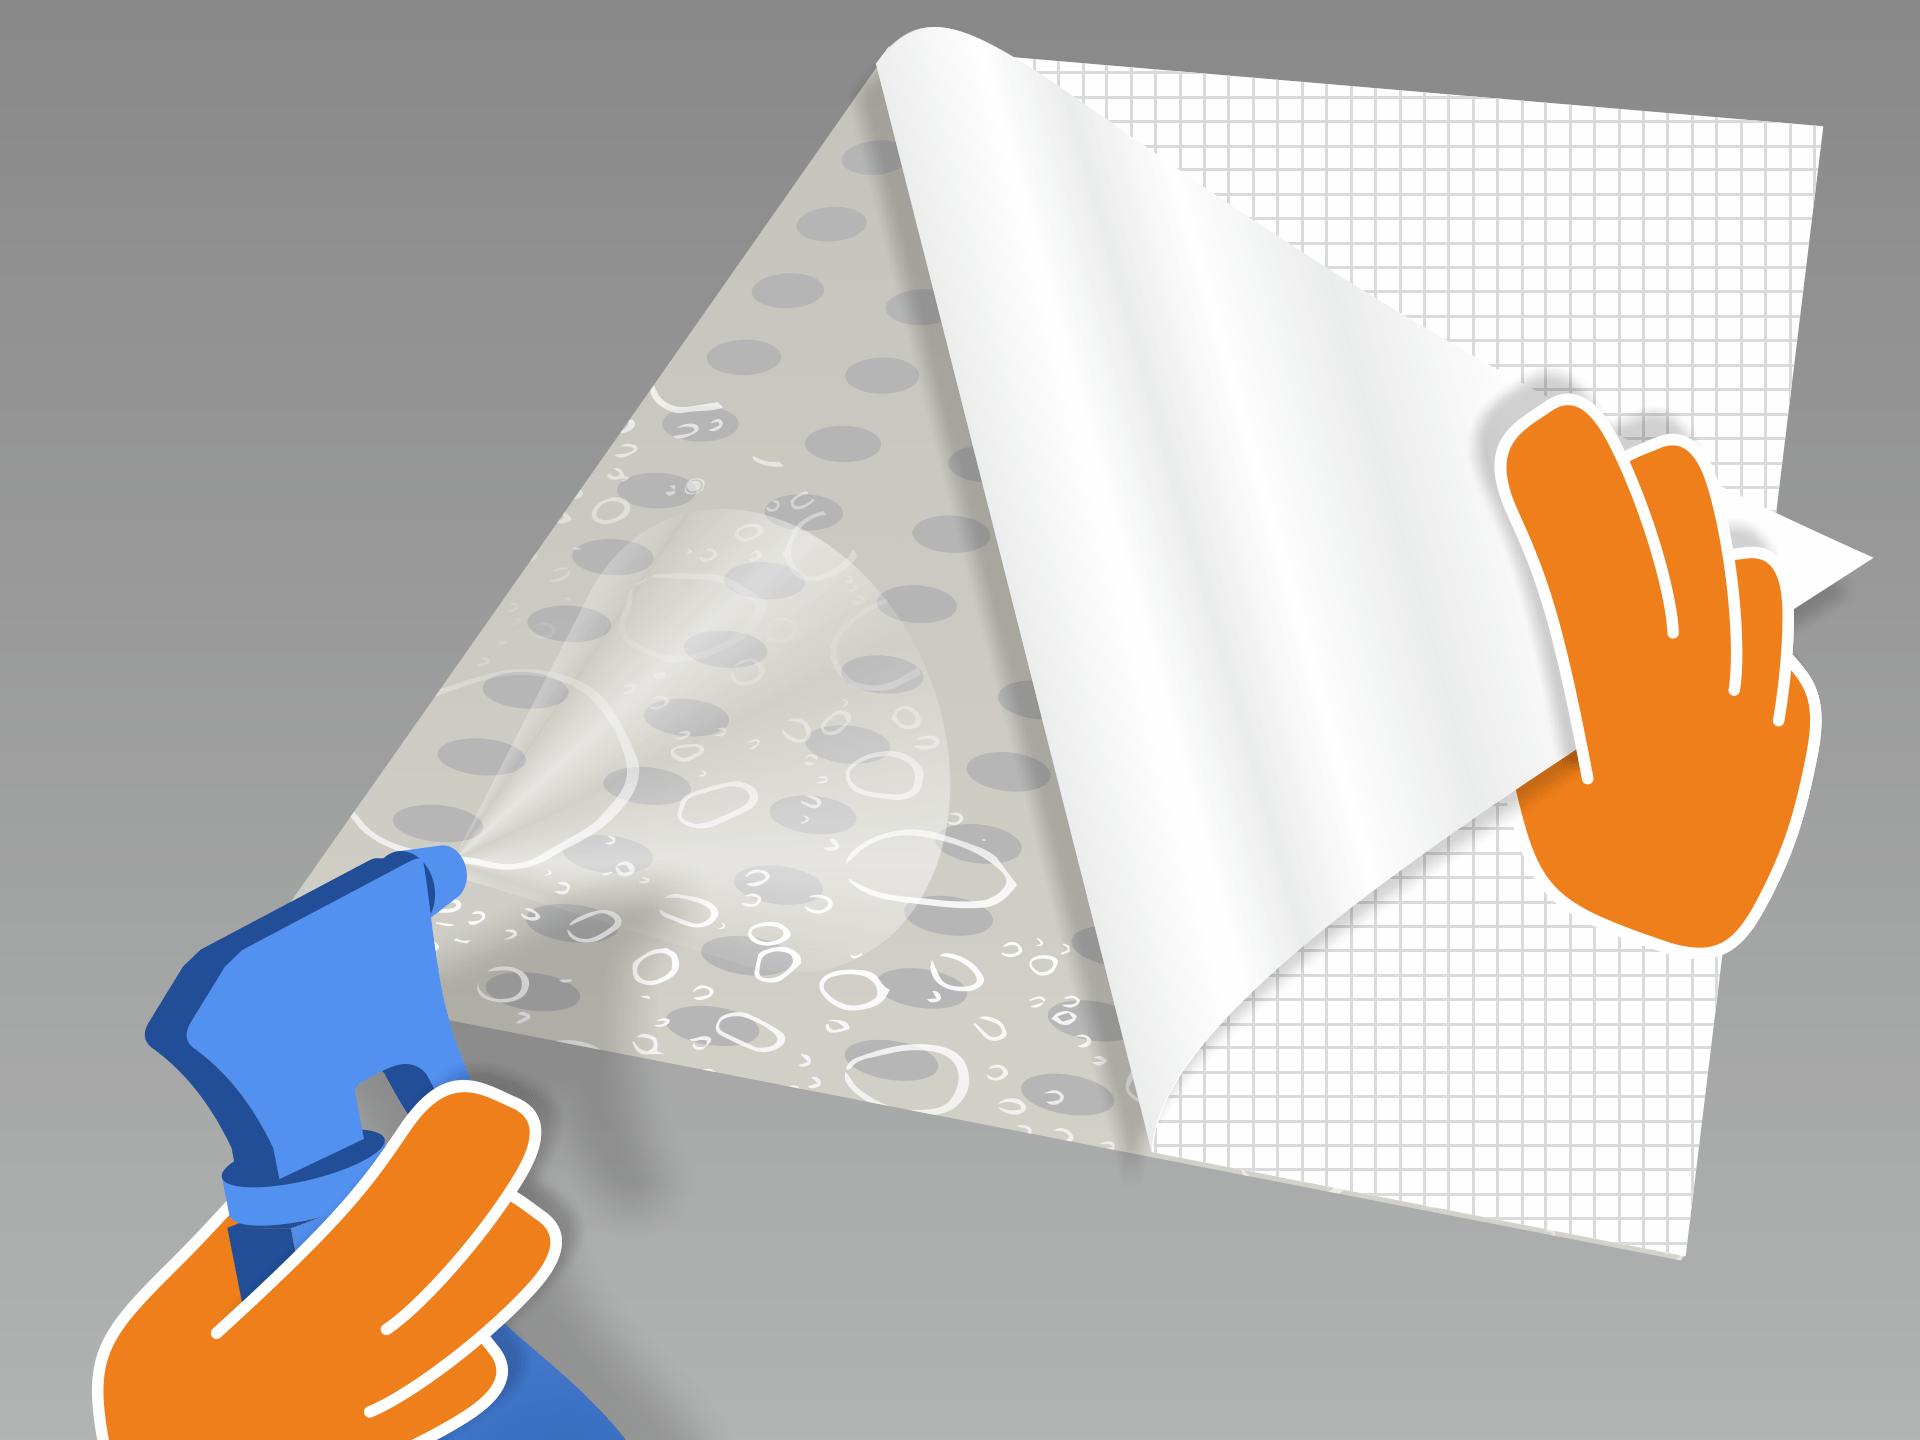 Jetzt das Trägerpapier sehr vorsichtig von der Folie lösen und die freigelegte Klebeseite vollständig mit dem Wasser-Spülmittel-Gemisch besprühen. Montiert Ihr zu zweit? Dann kann Person 1 die Folie in der Luft halten, während Person 2 das Trägerpapier abzieht und die Klebeseite besprüht.